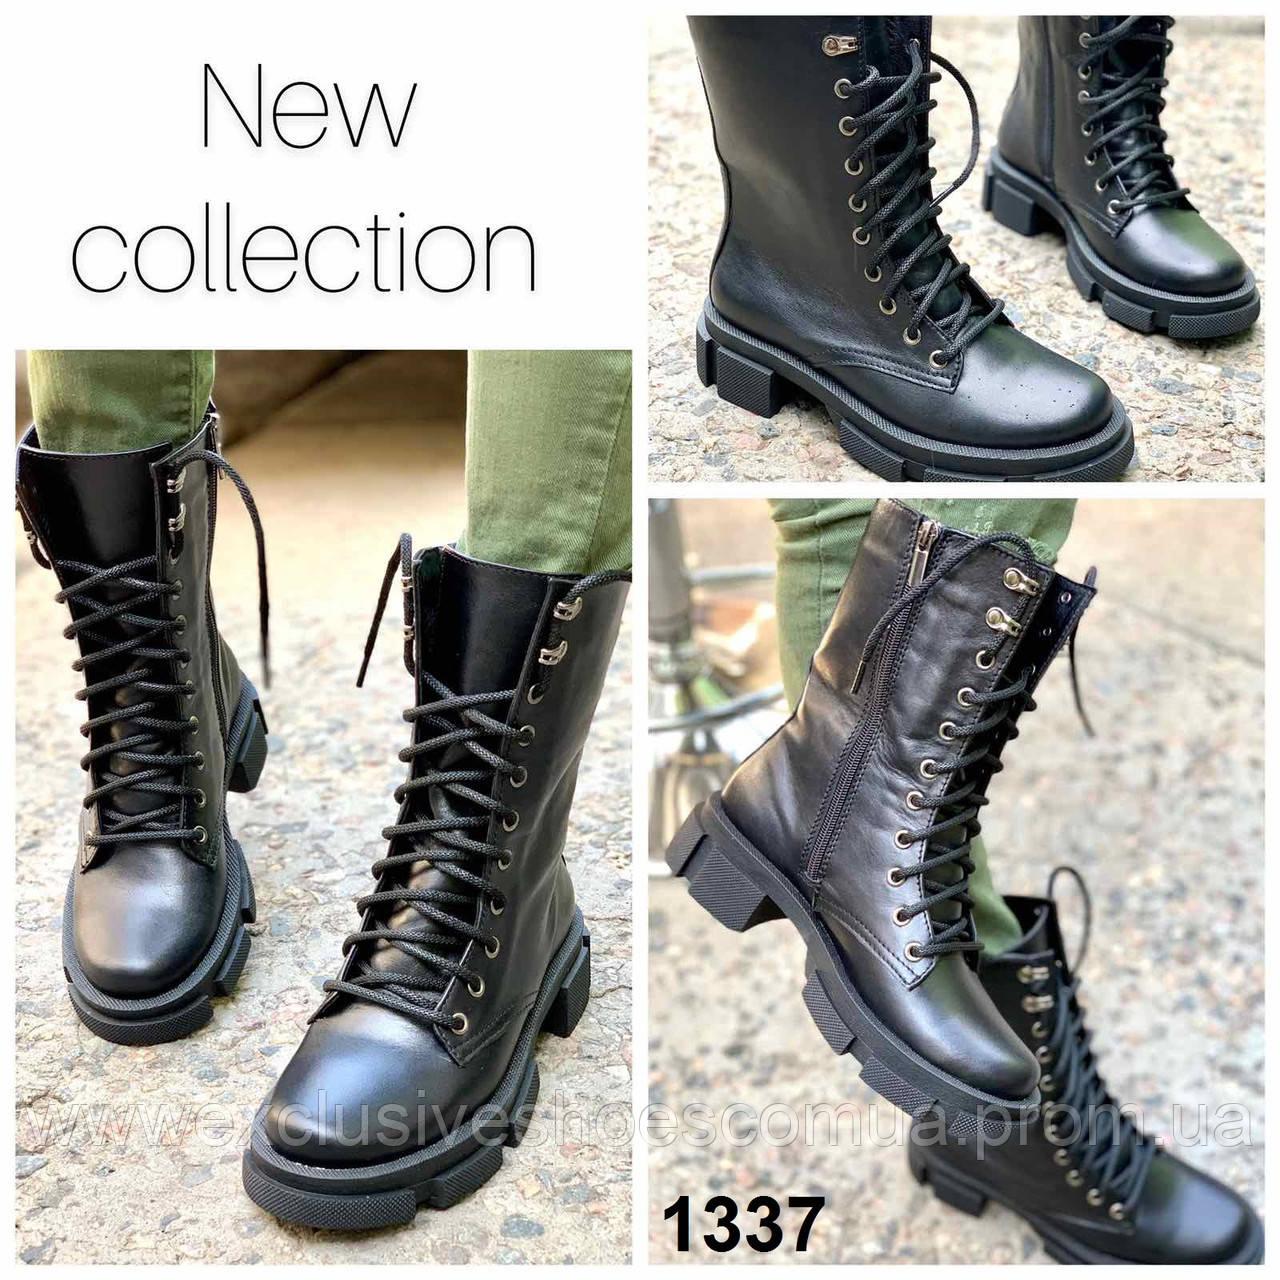 Ботинки женские деми кожаные черные берцы